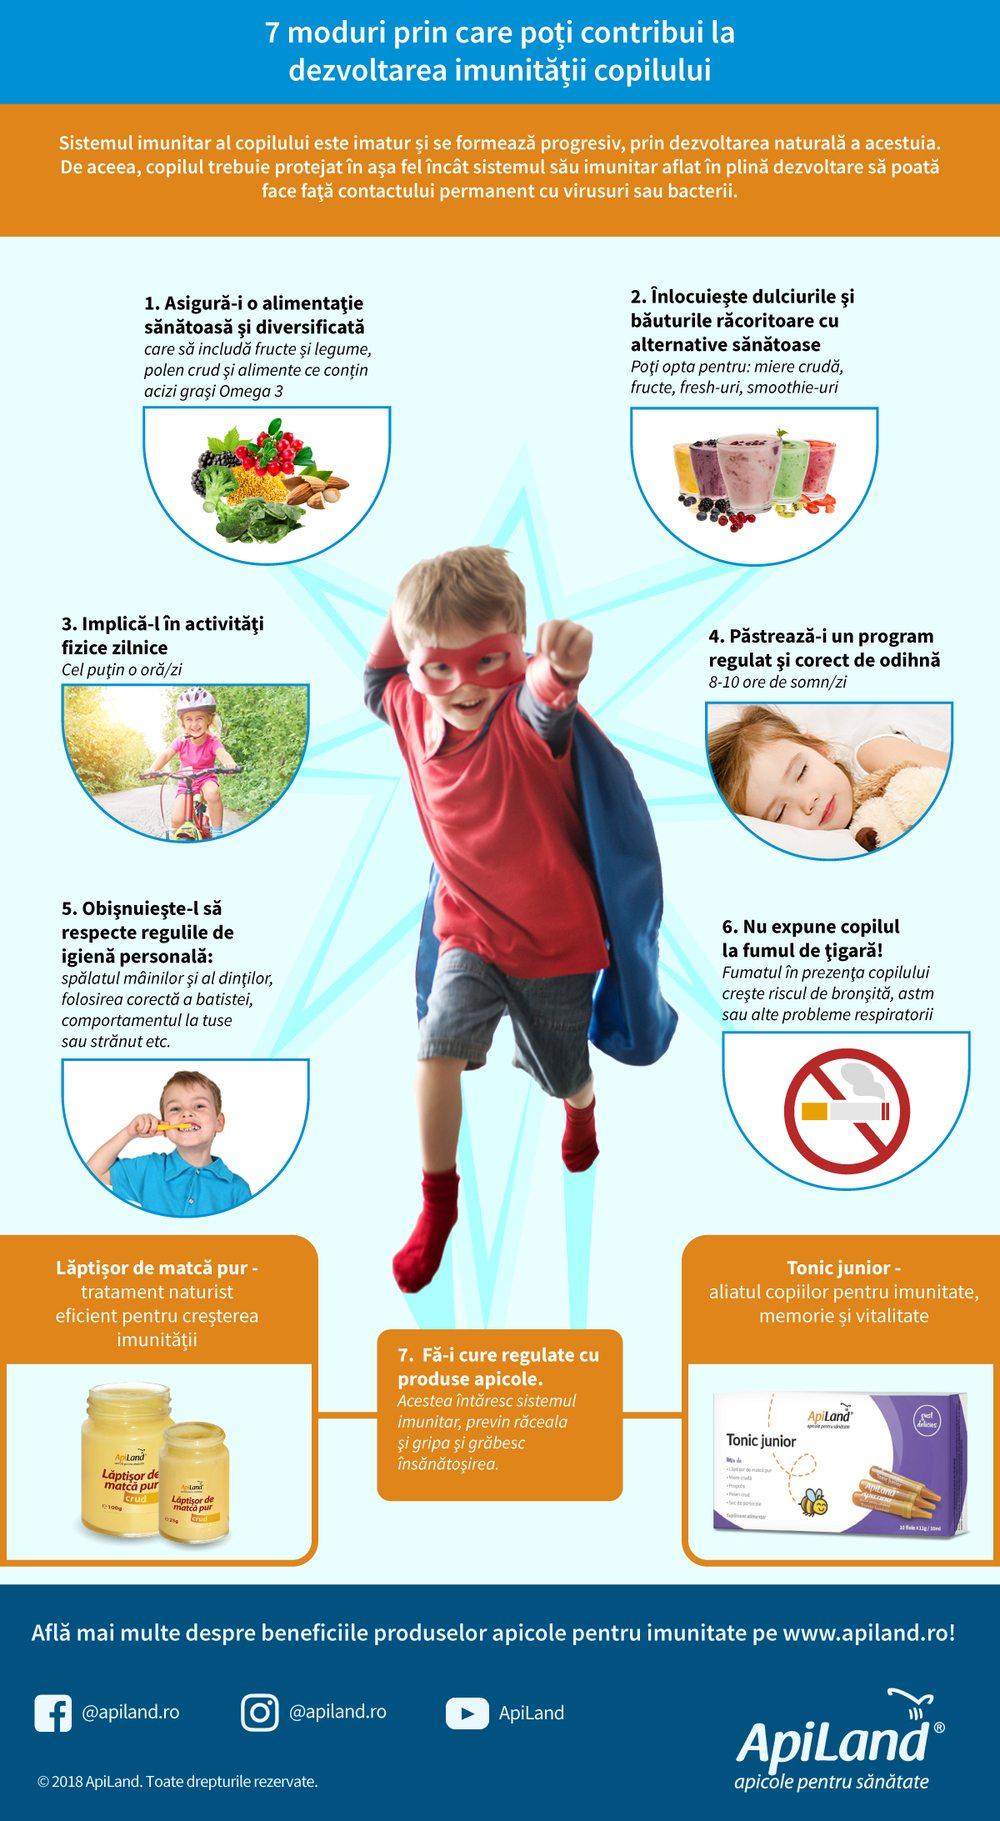 7 sfaturi pentru crestere imunitate copii